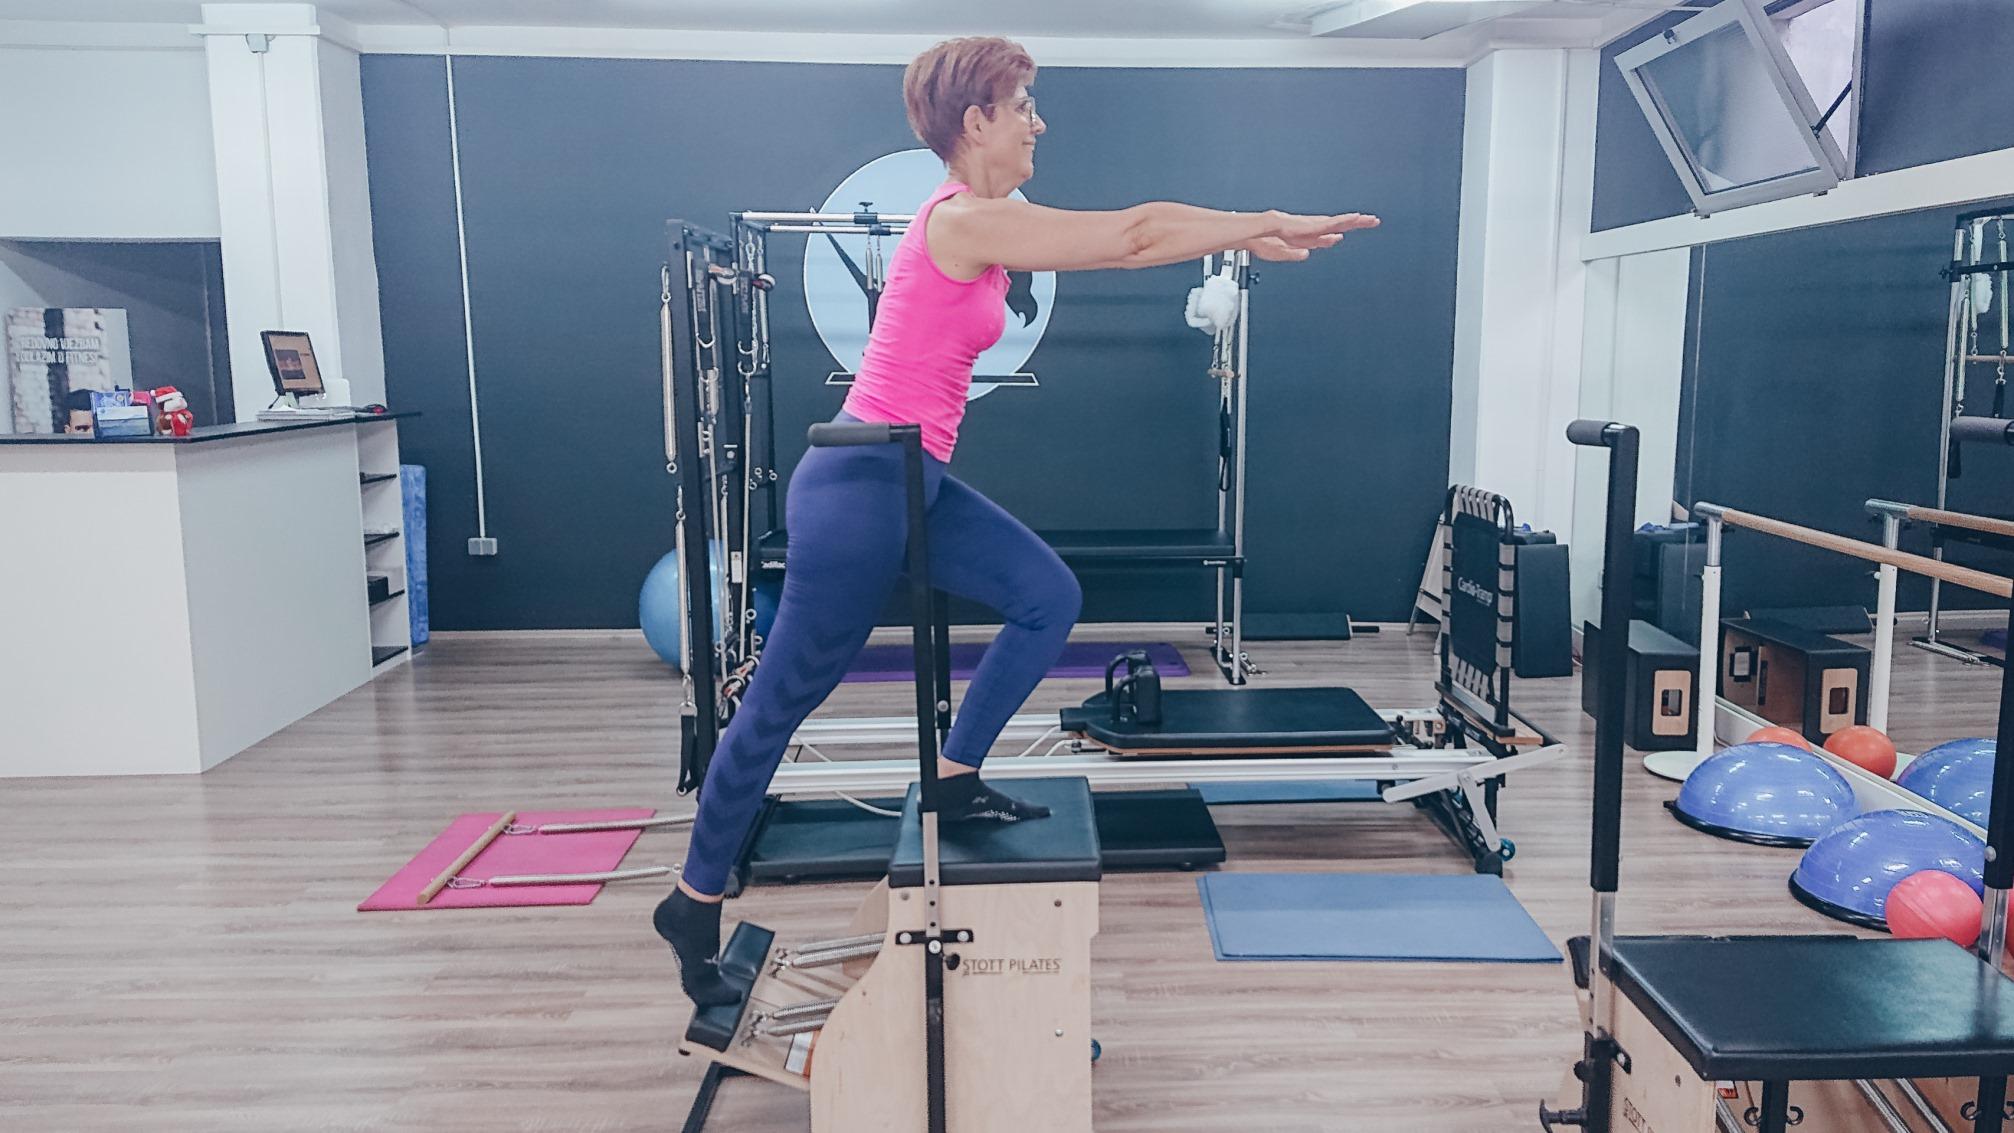 Ljeto na pilates spravama uz riječku specijalisticu ginekologije i opstetricije Sanju Jurica